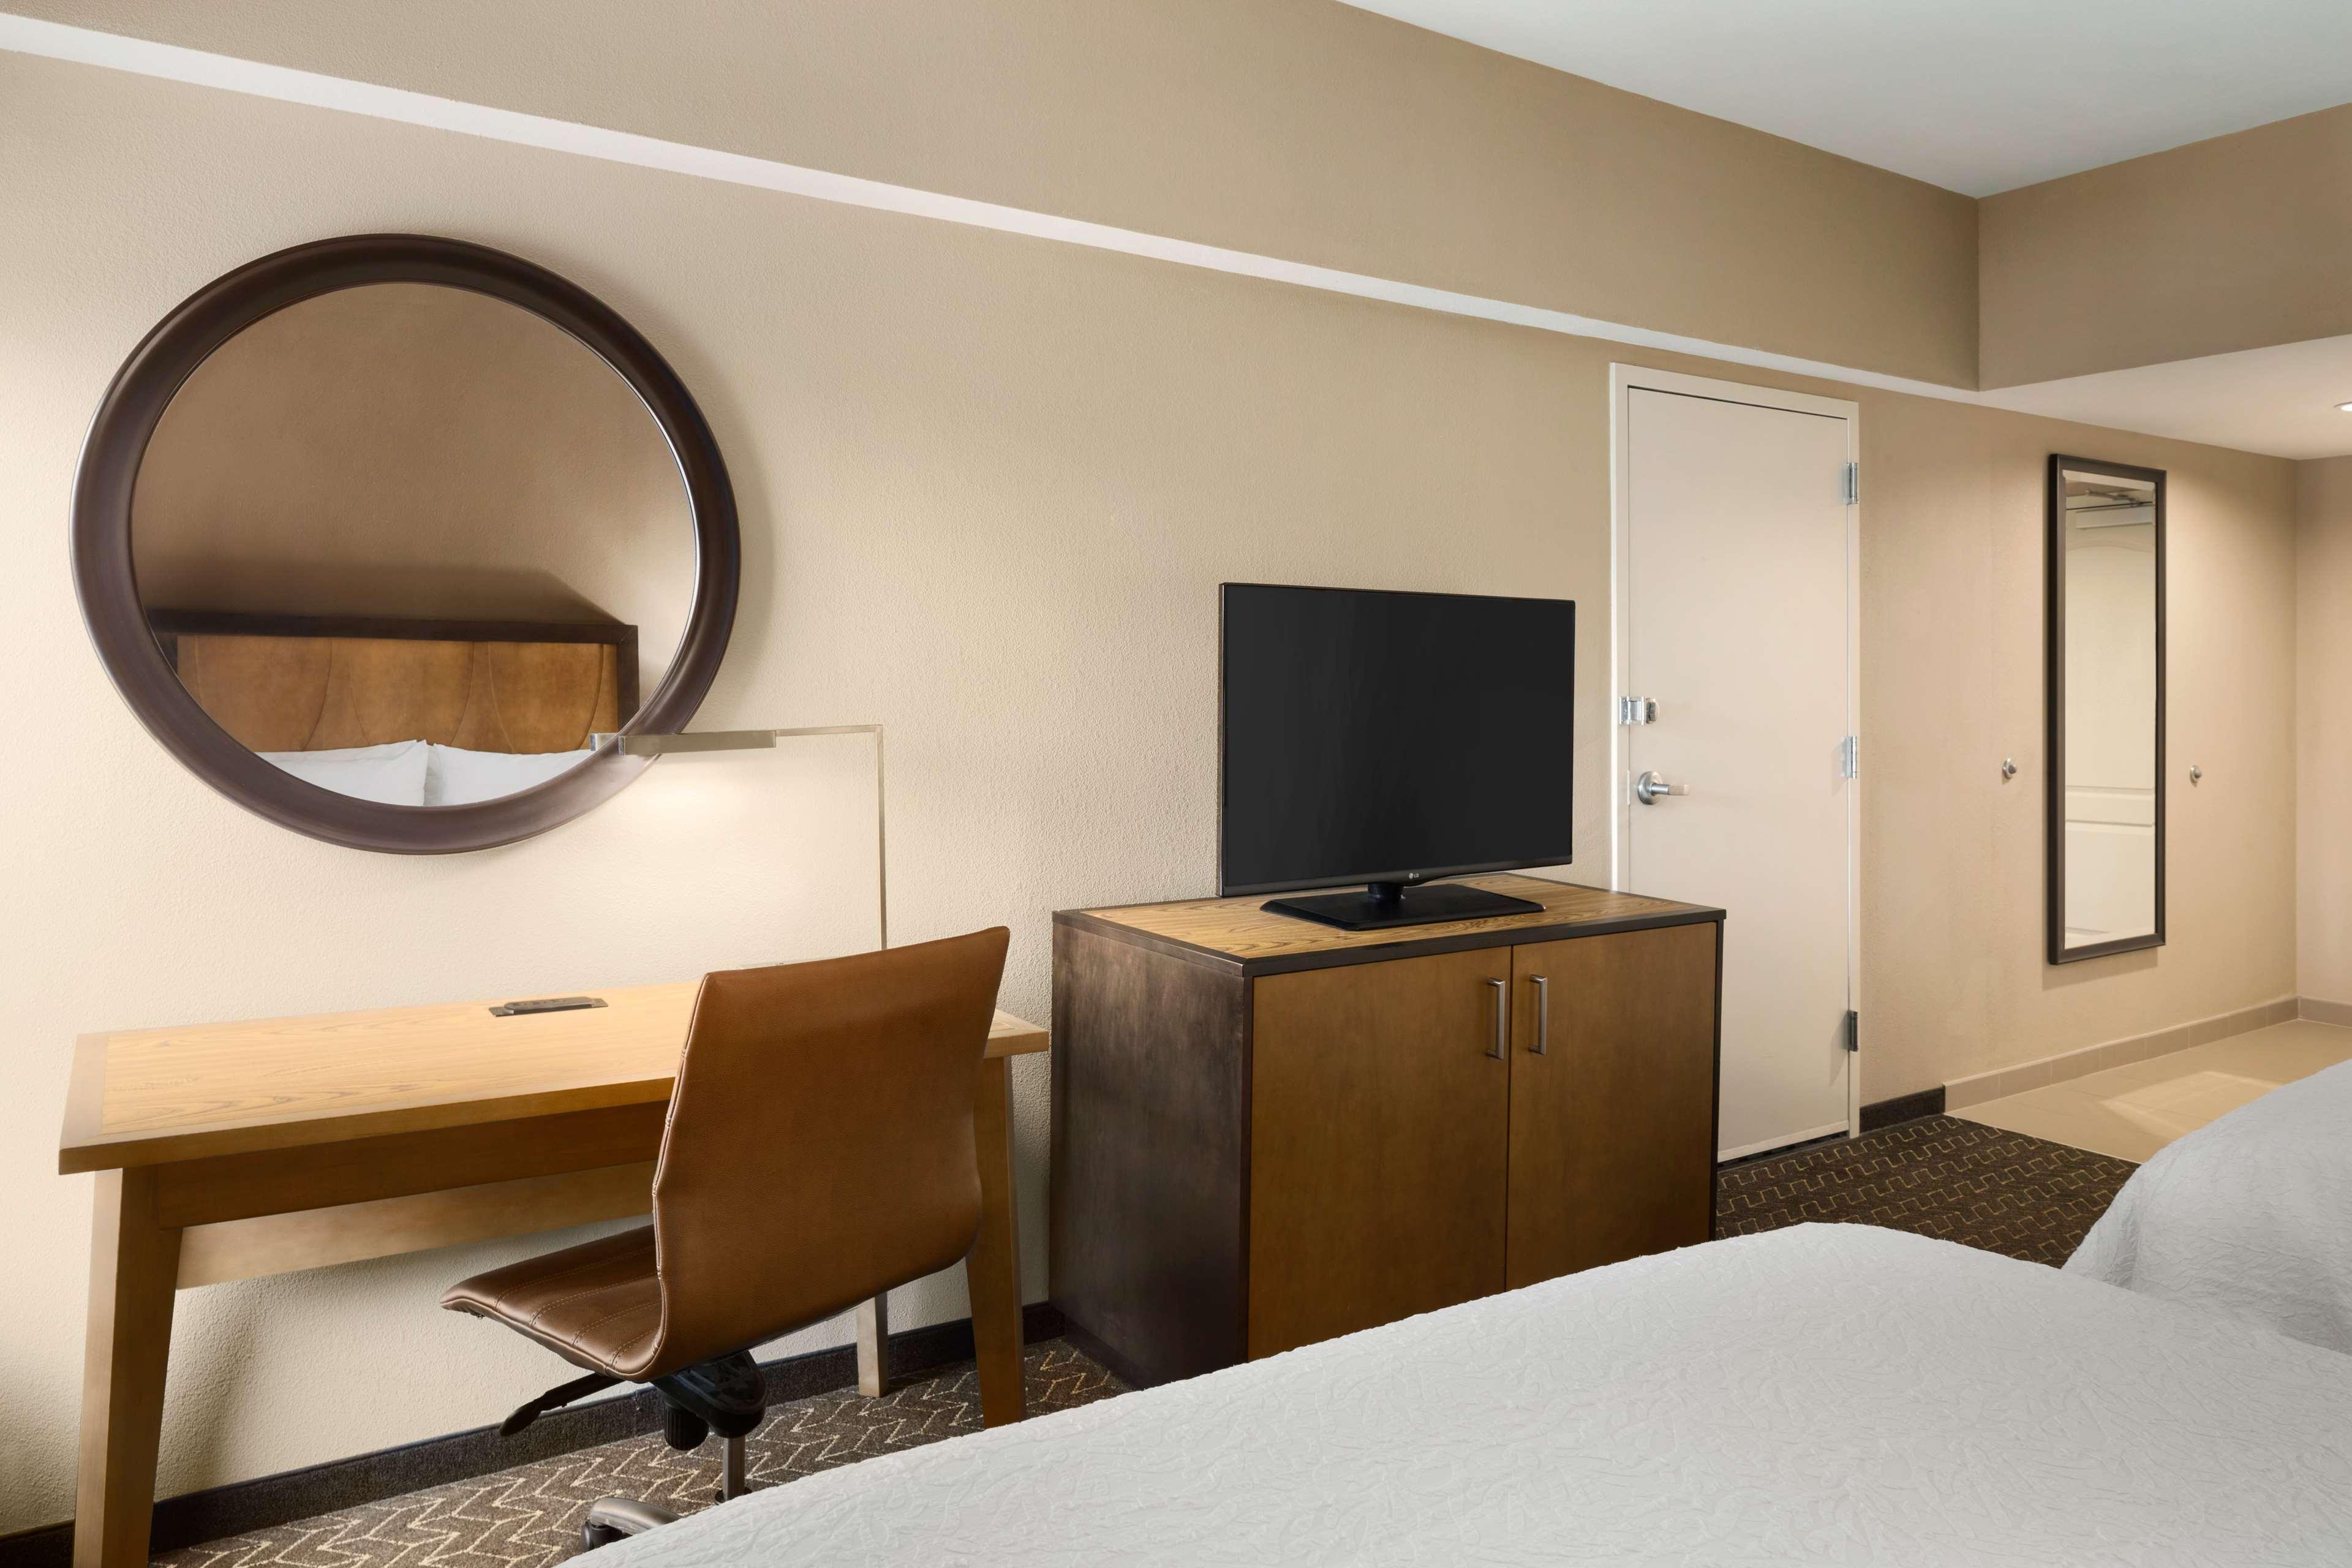 Hampton Inn and Suites Clayton/St Louis-Galleria Area image 23